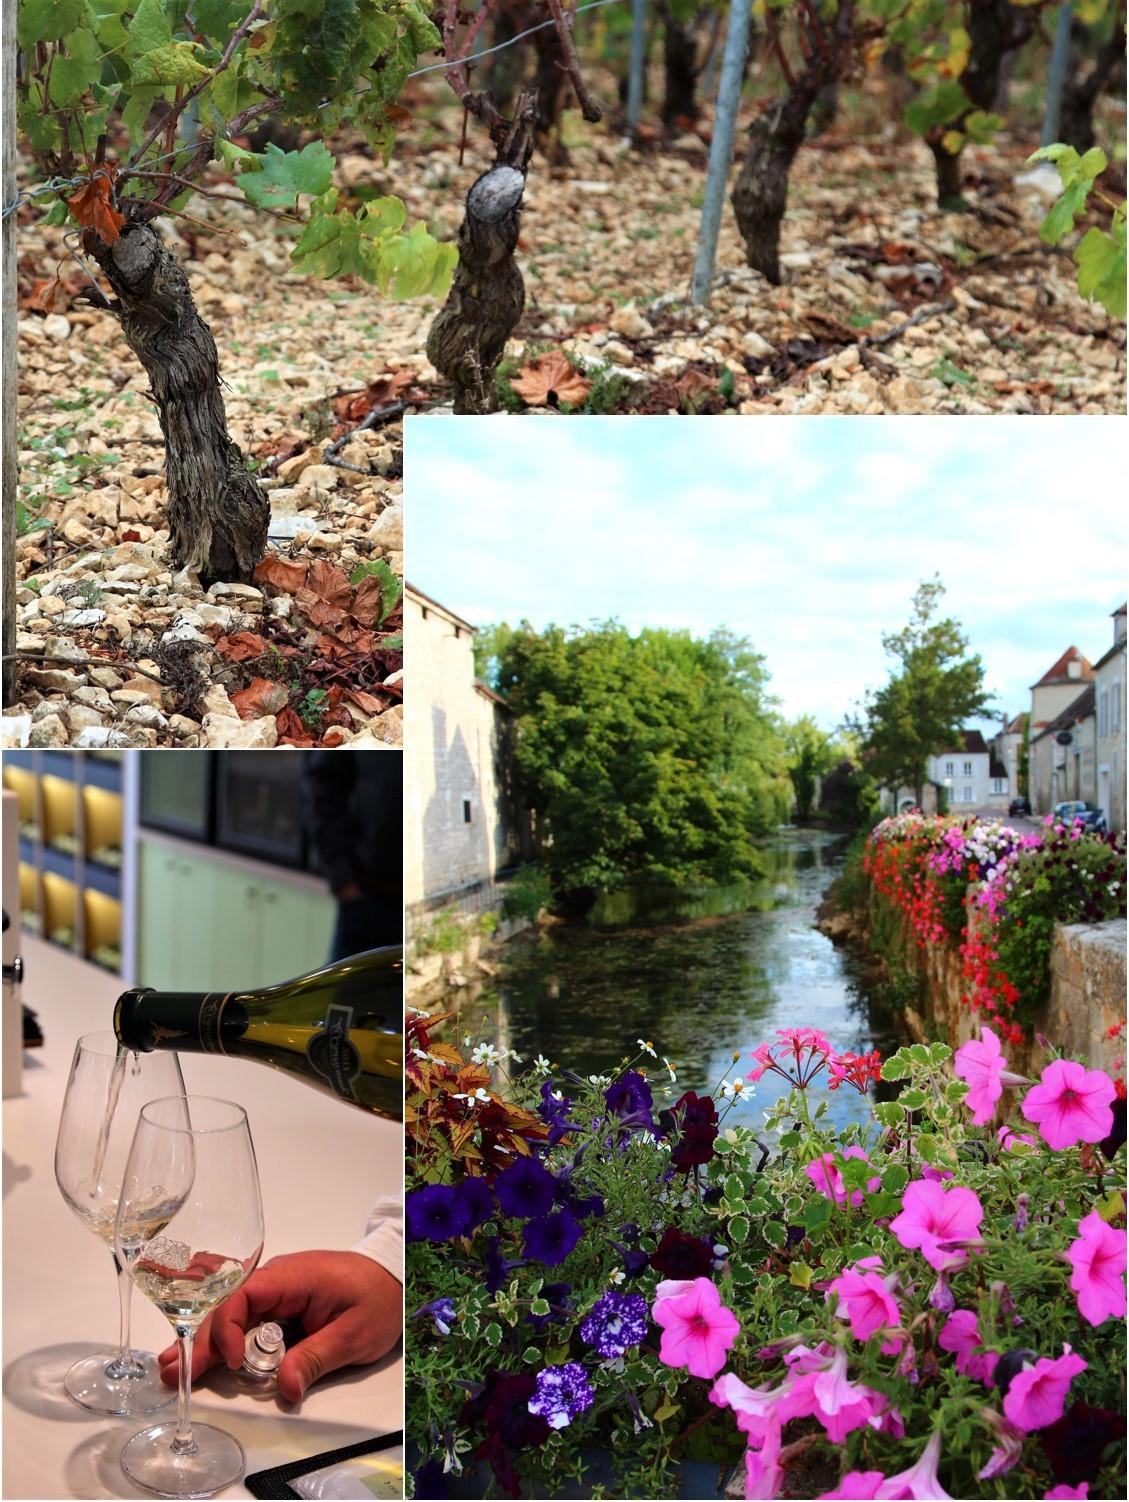 ブルゴーニュ ワイン旅_a0107981_15104957.jpg